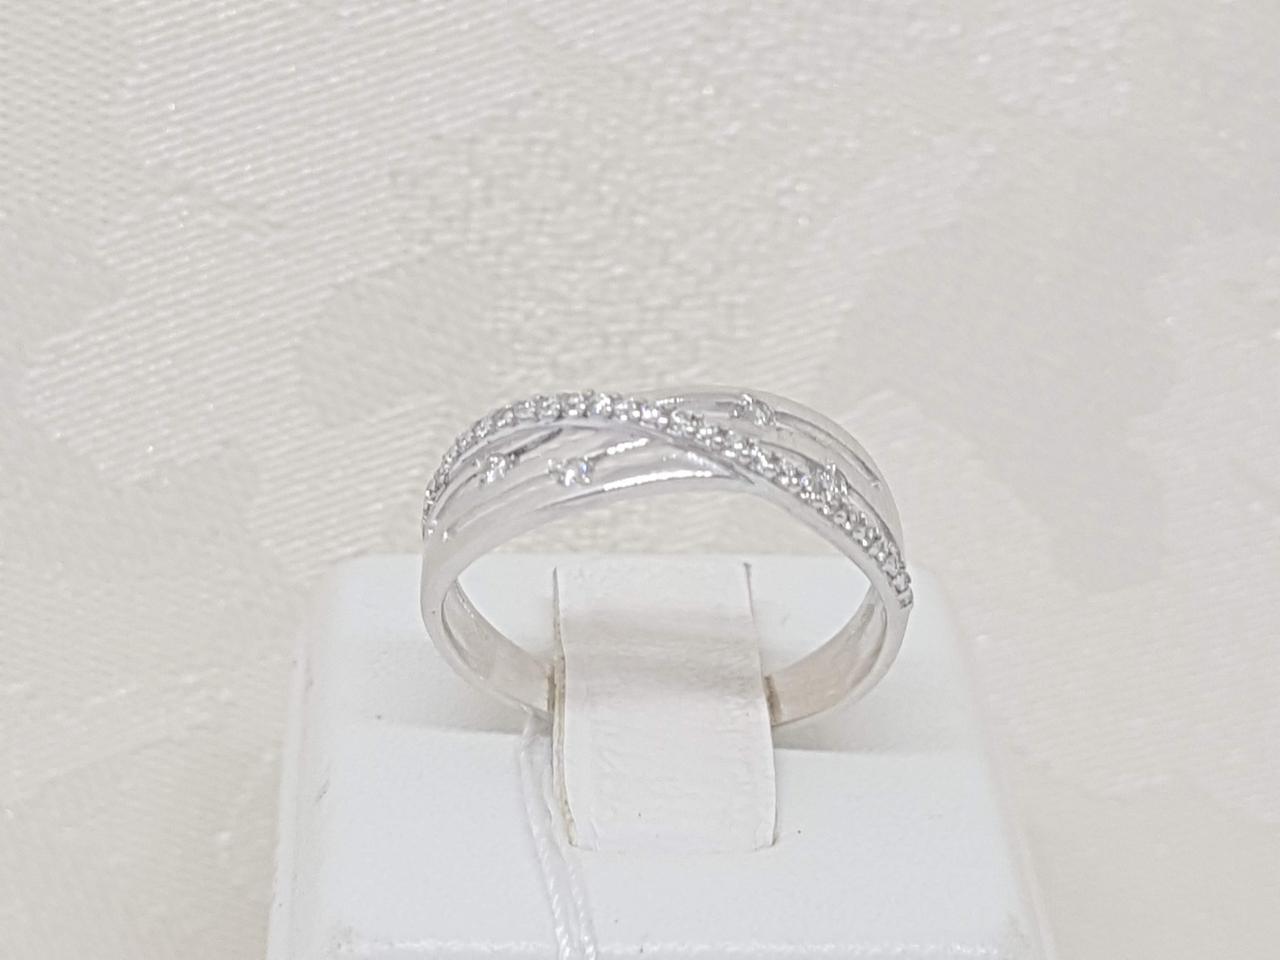 Серебряное кольцо Феррара с фианитами. Артикул 1206/1Р-CZ 18